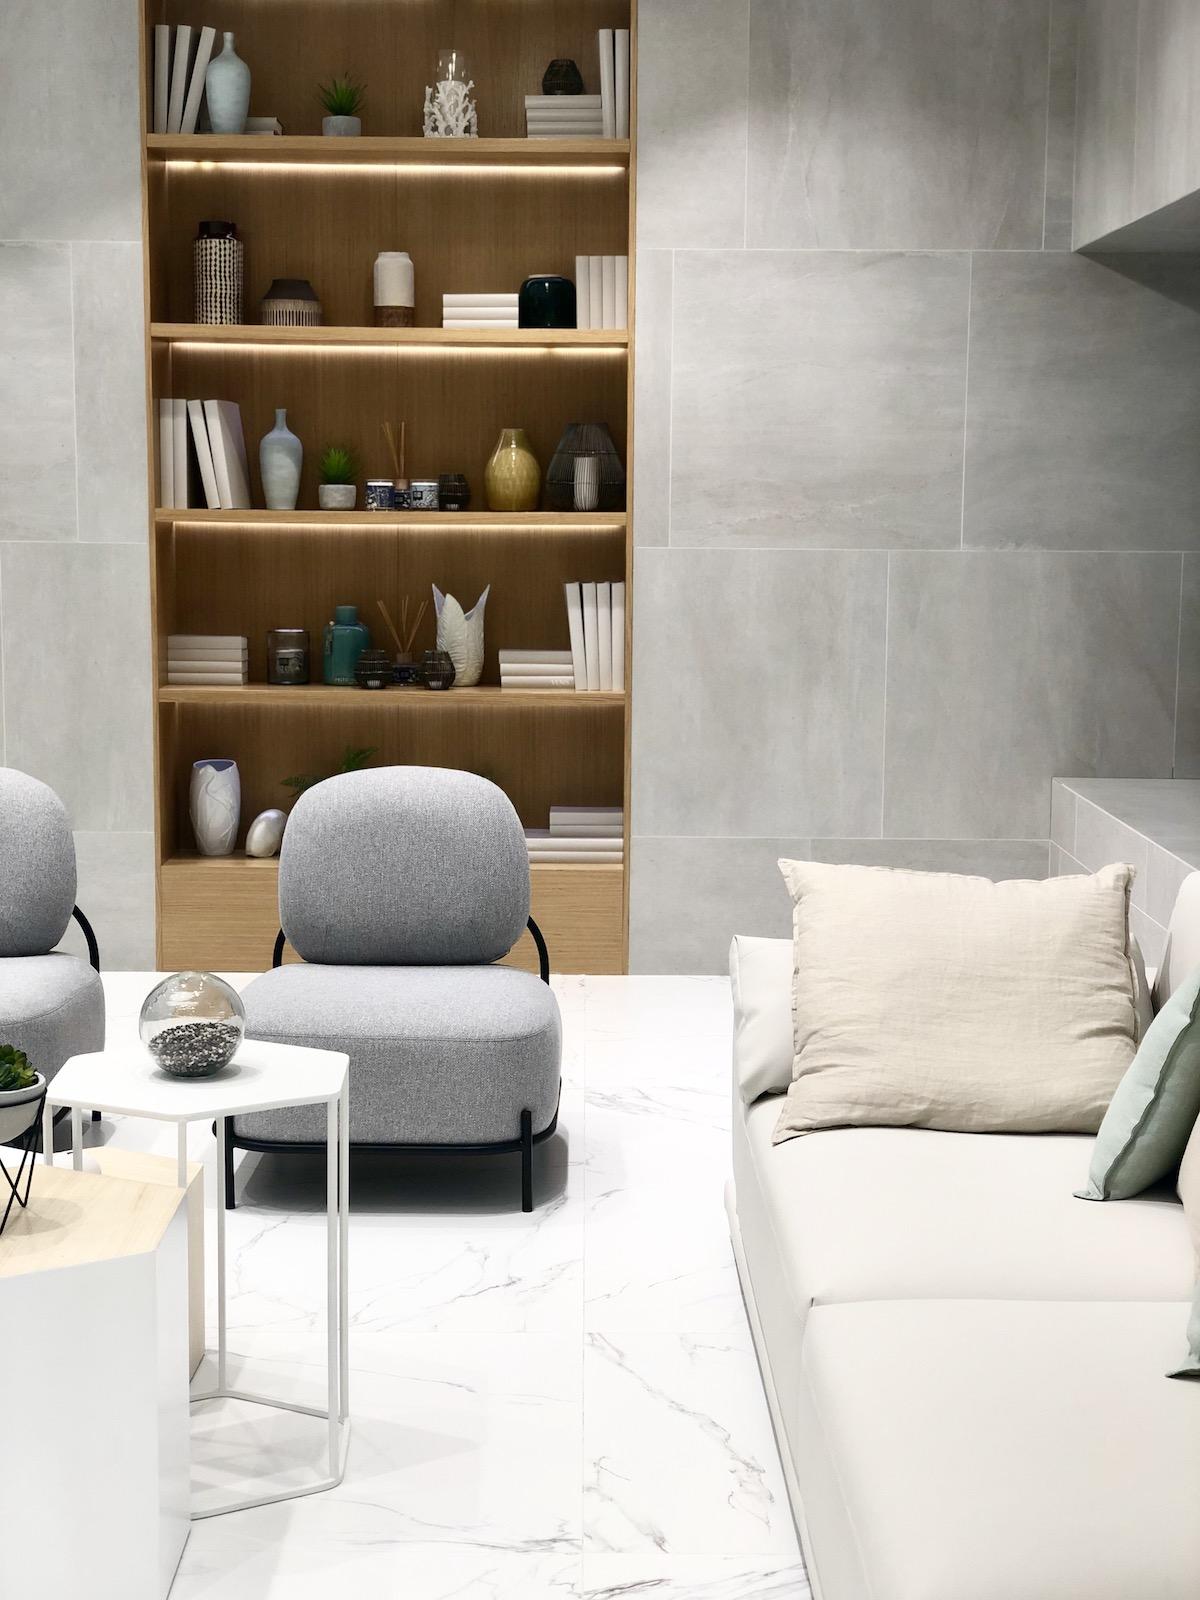 bibliothèque sur-mesure encastré mur carrelage marbre salon design moderne - blog décoration - clem around the corner